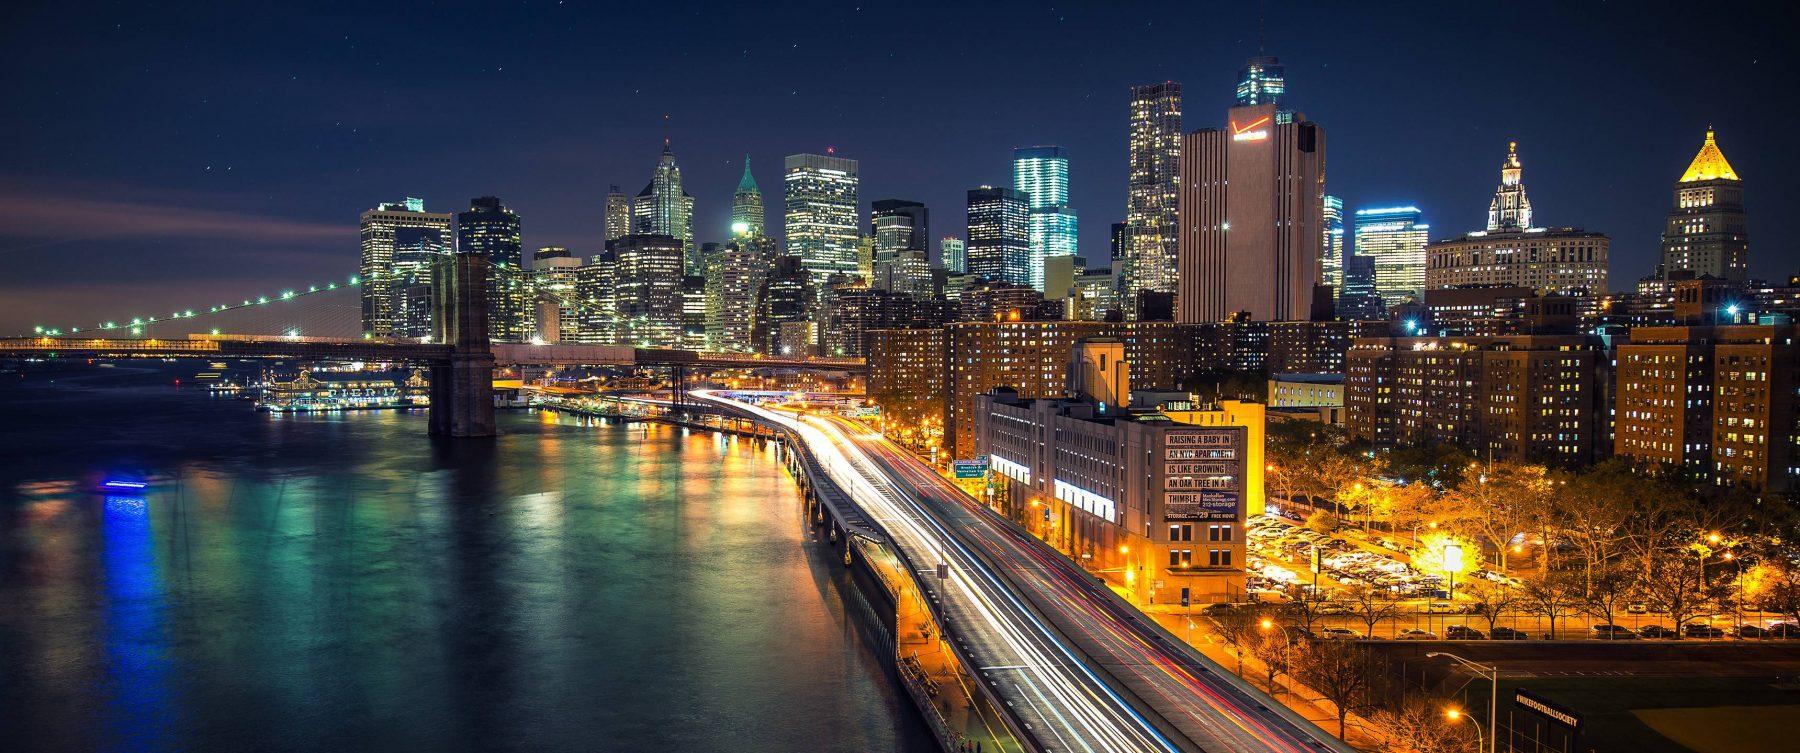 City Landscape 8.30 v1